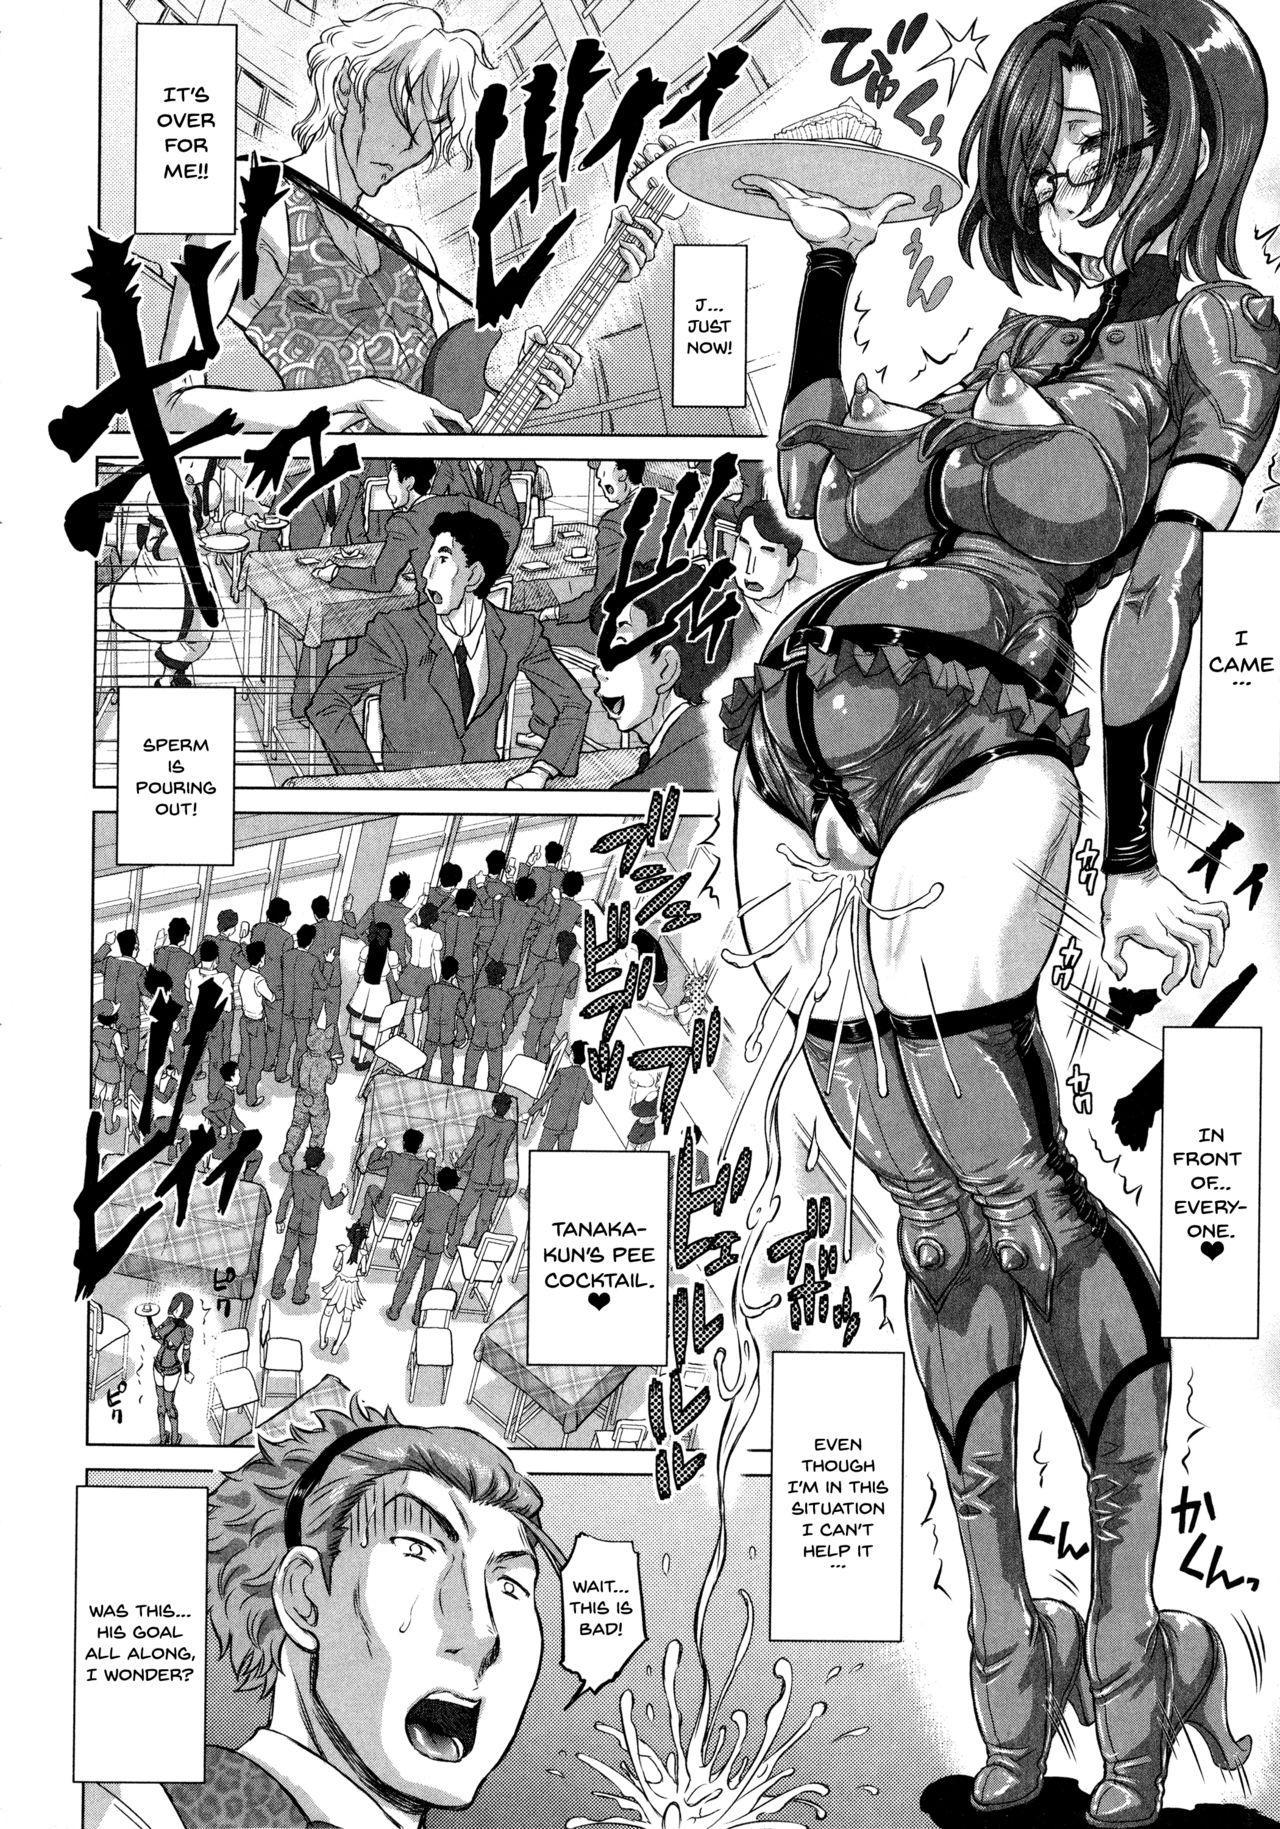 [Minority] Negative Kanako-sensei Ch. 1-6 [English] {Doujins.com} 53